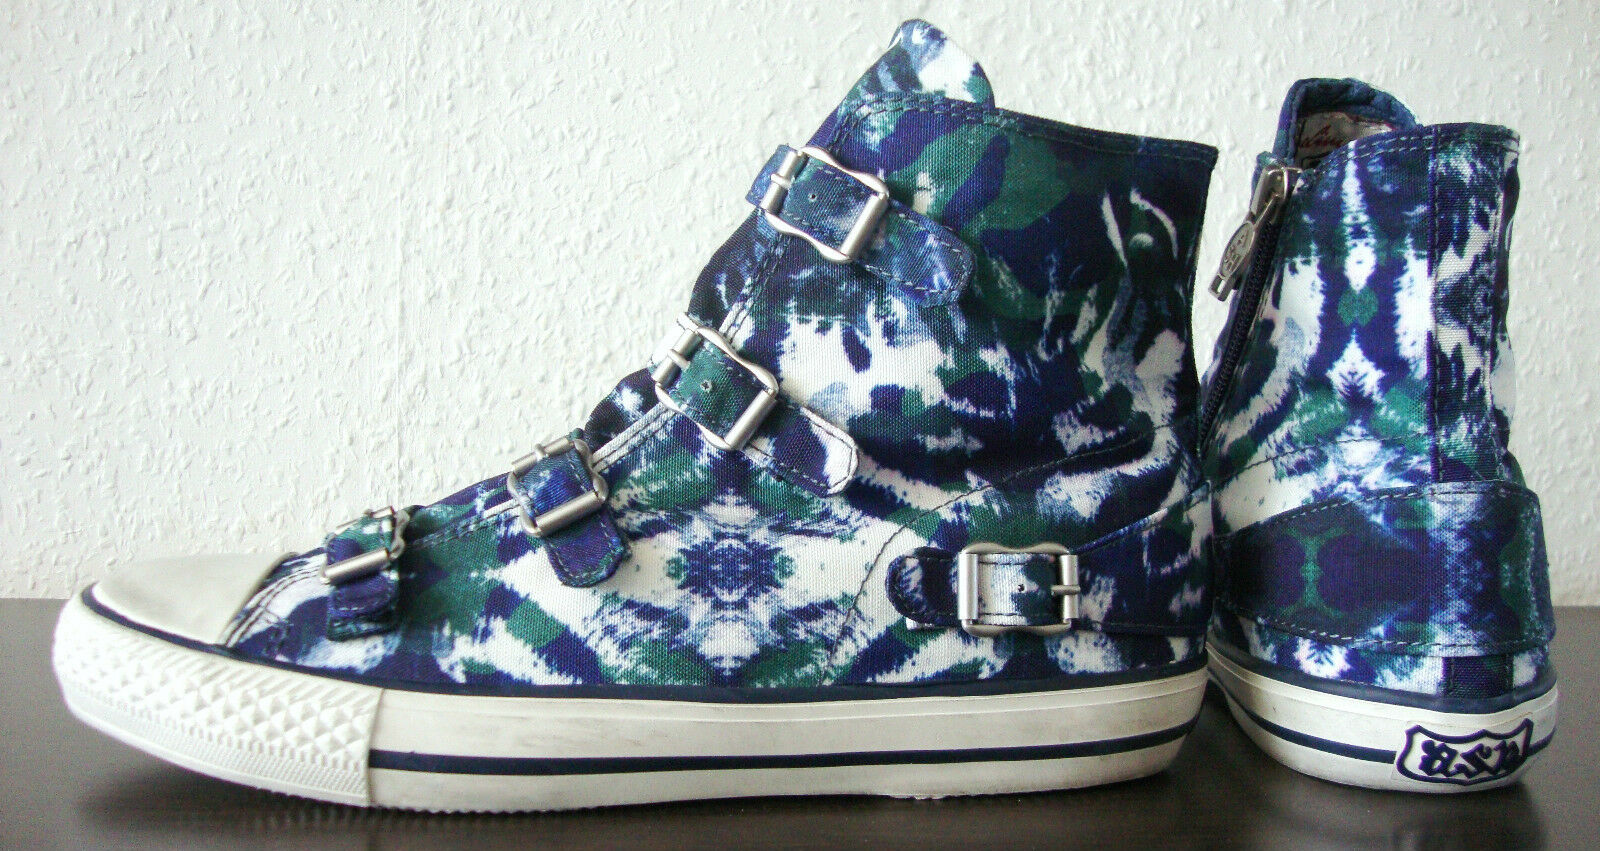 Ash Virgin nuevo tobillo-cortos señora zapatos Shoes camuflaje hebilla nuevo Virgin 096a60